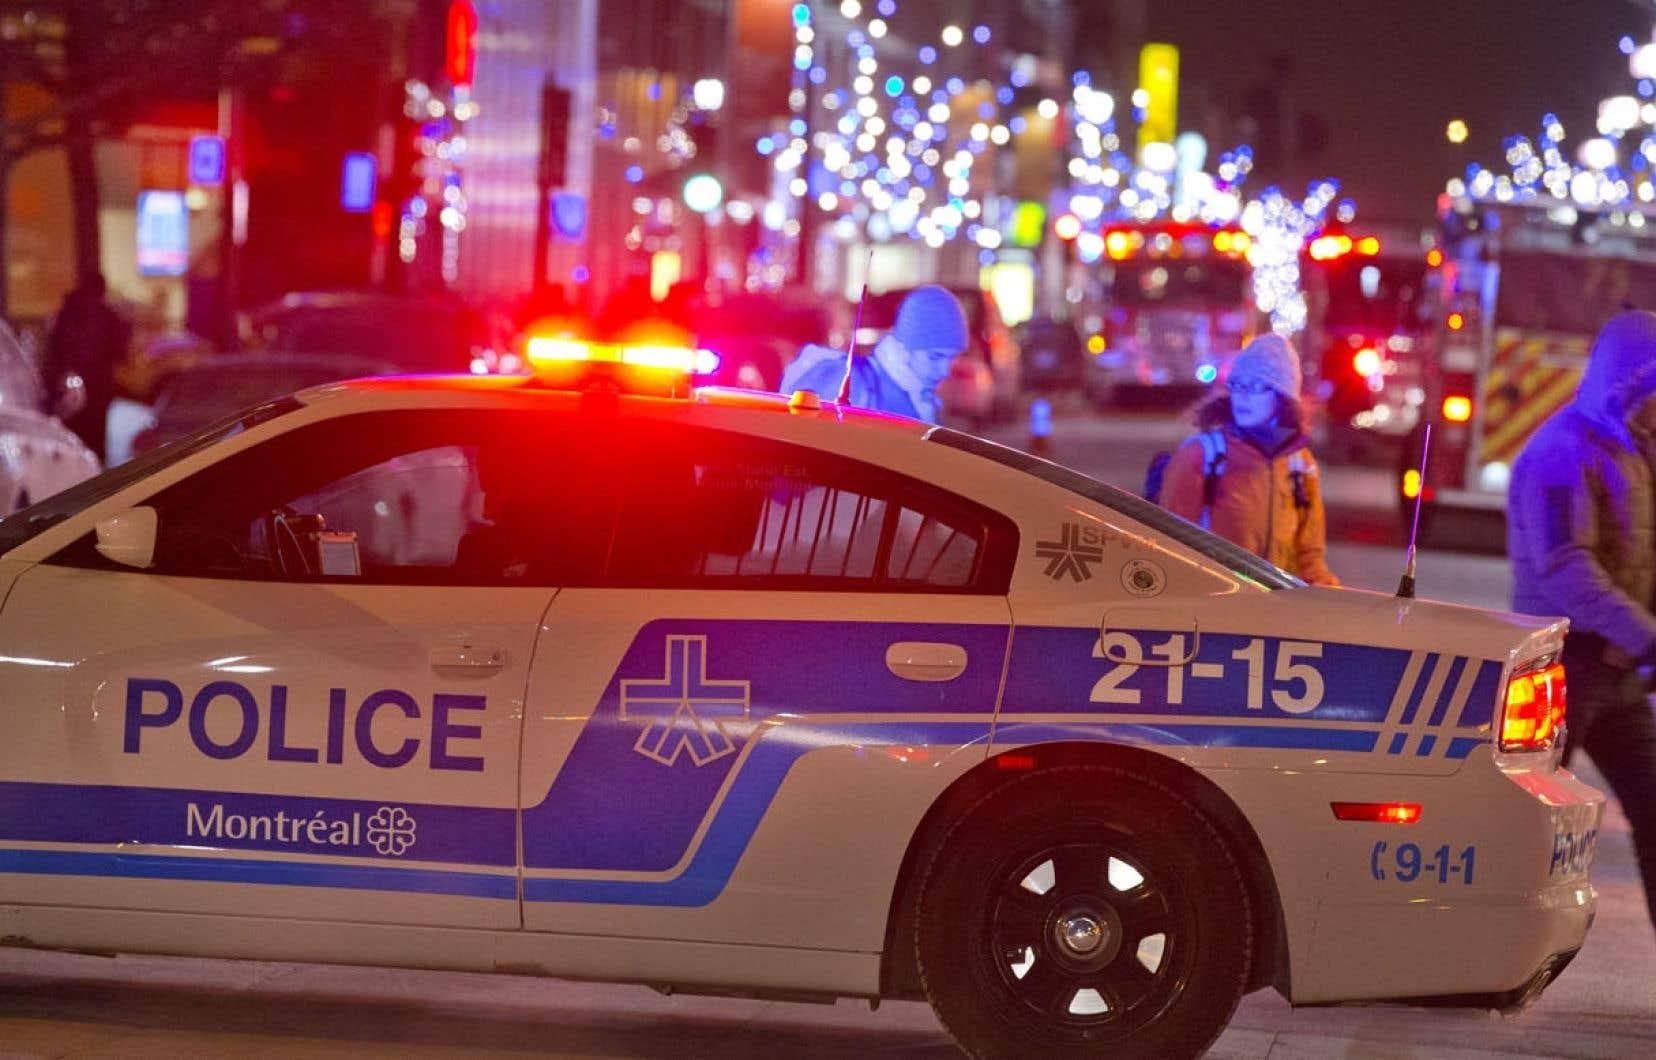 Des agressions à caractère homophobe ont récemment été perpétrées dans le quartier gai de Montréal.